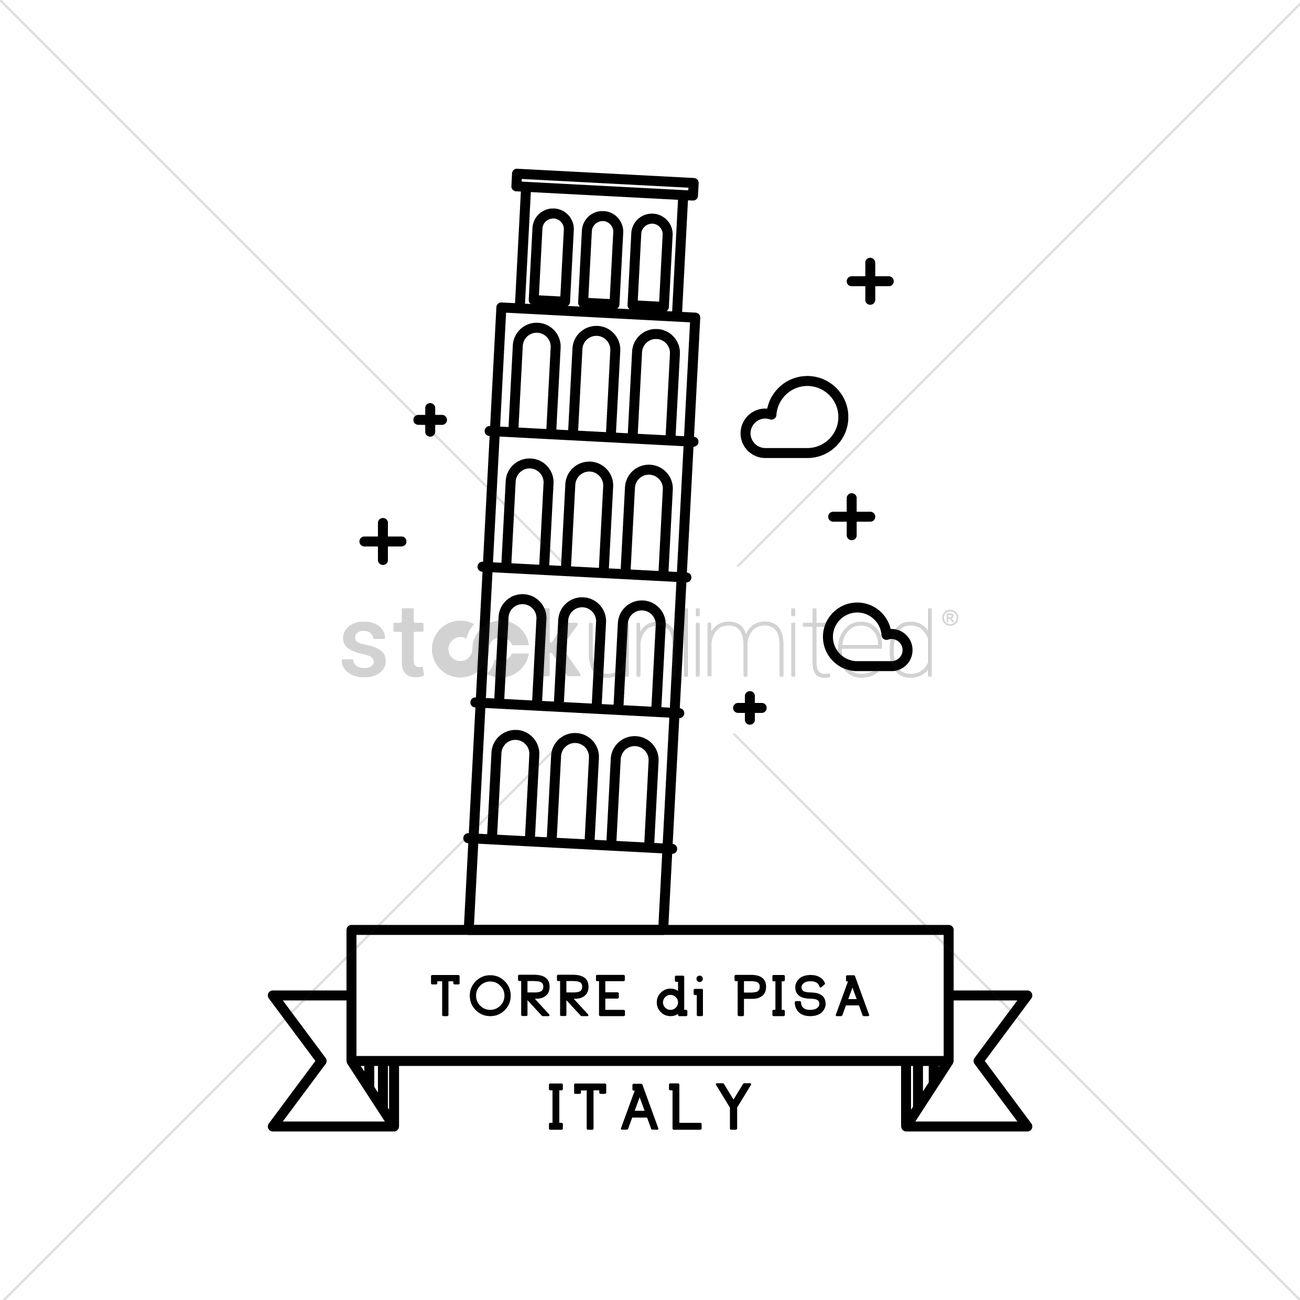 1300x1300 Torre Di Pisa Vector Image